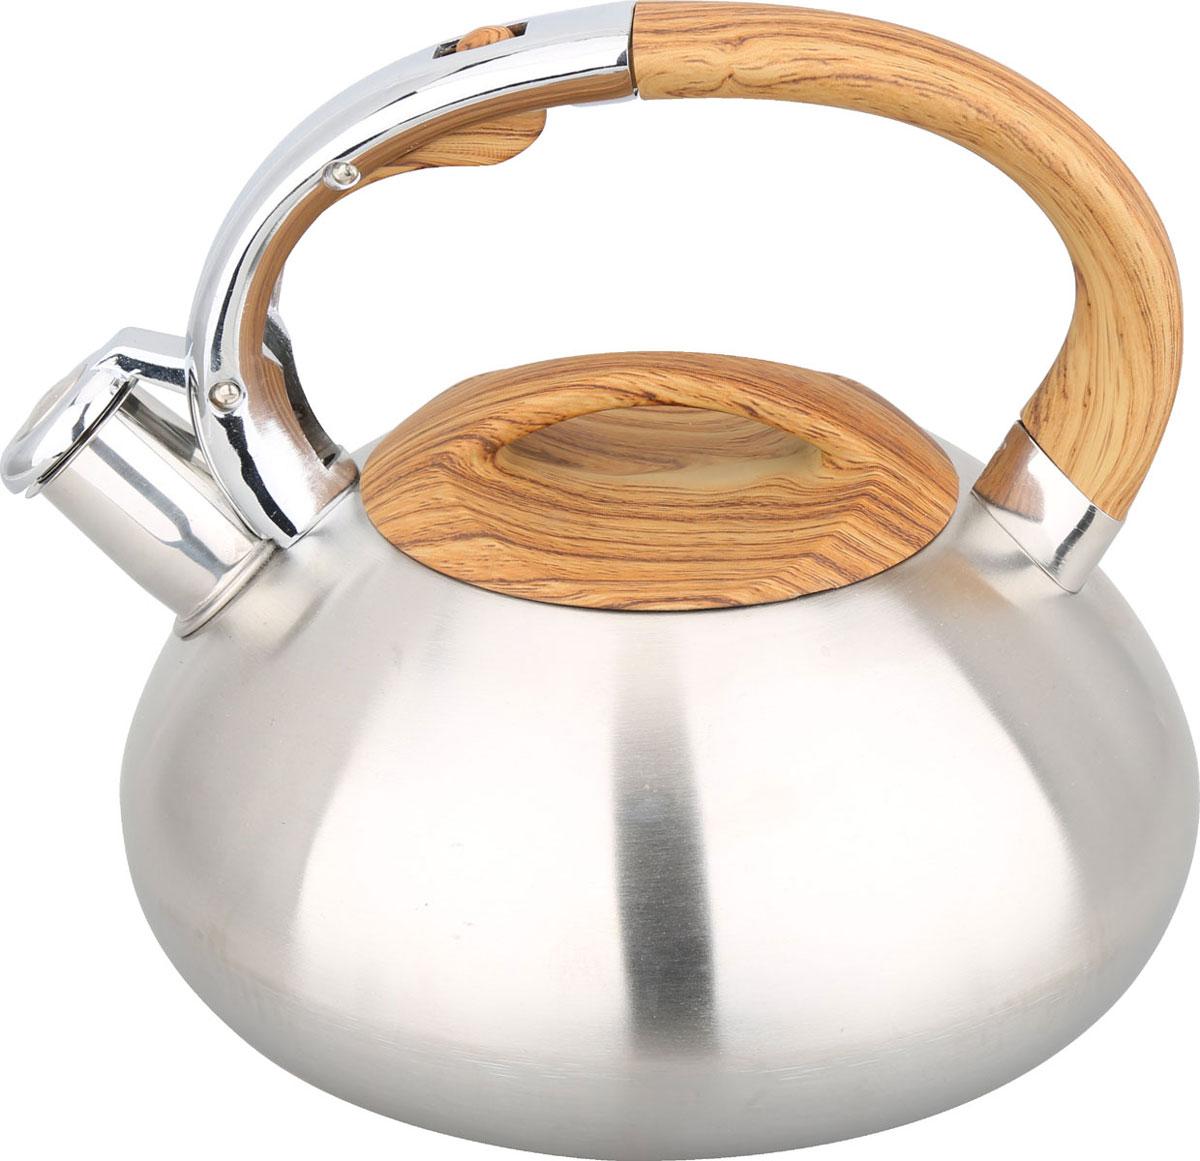 Чайник Bayerhoff, со свистком, цвет: металлик, 3 л. BH-442BH-442Материал: высококачественная нержавеющая сталь. Объем: 3,0 л. Клапан открывается кнопкой на ручке. Эргономичная ручка не нагревается и не скользит. Подходит для всех типов плит.